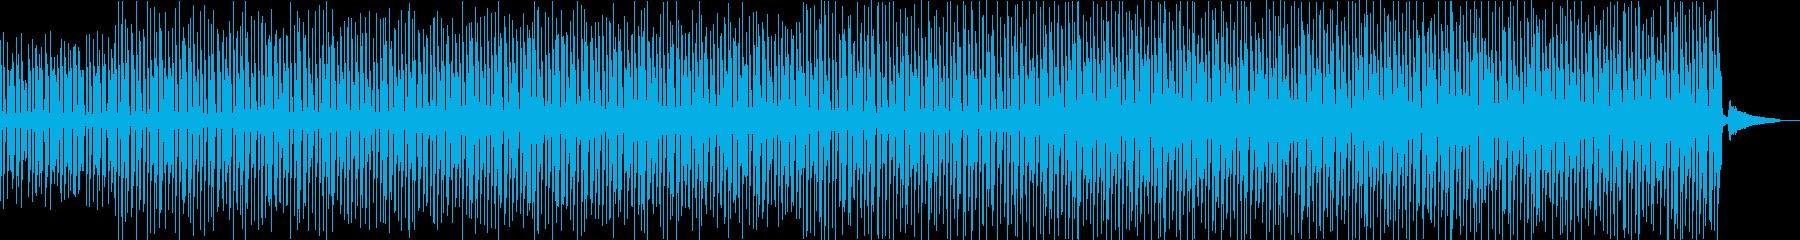 アウトドア・元気で活発なマリンバのポップの再生済みの波形